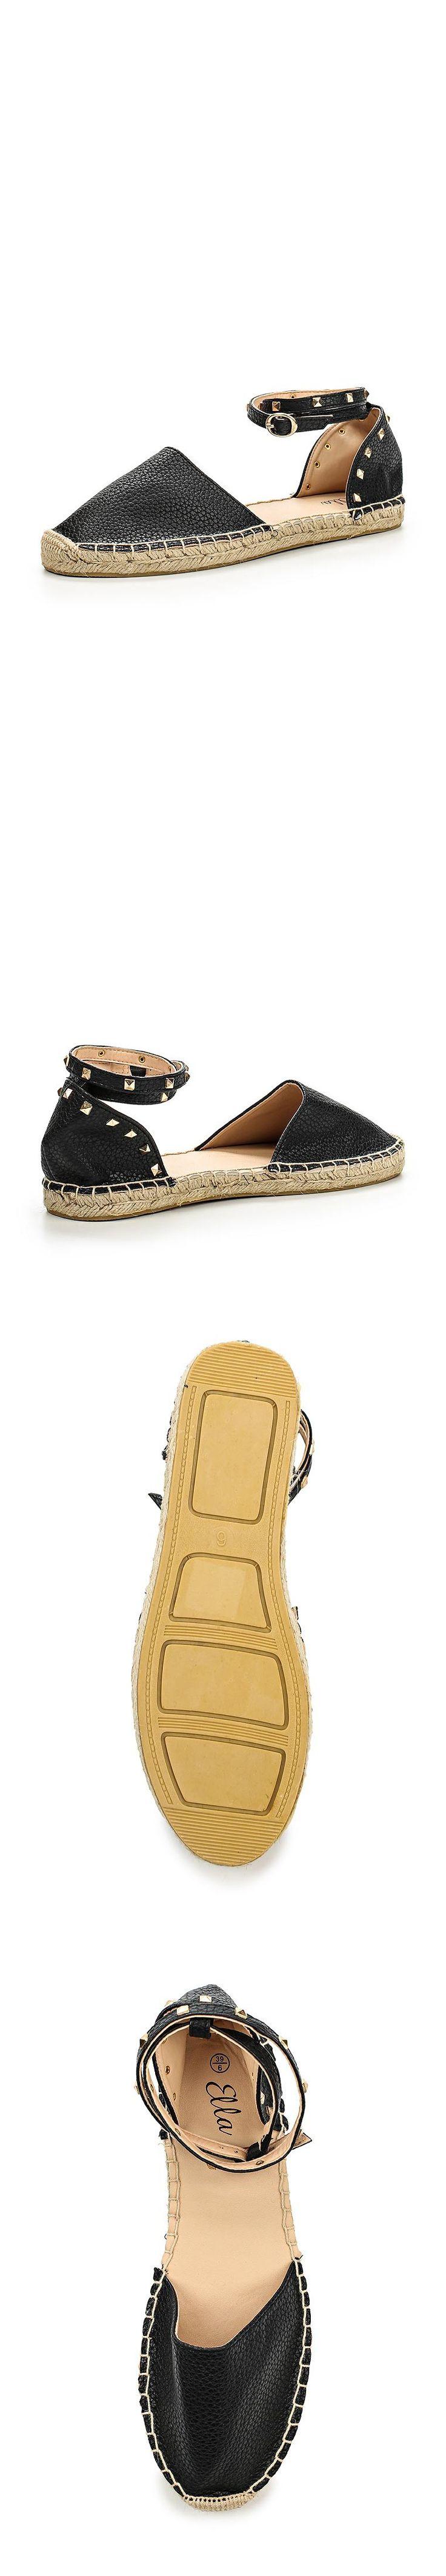 Женская обувь эспадрильи Ella за 2799.00 руб.